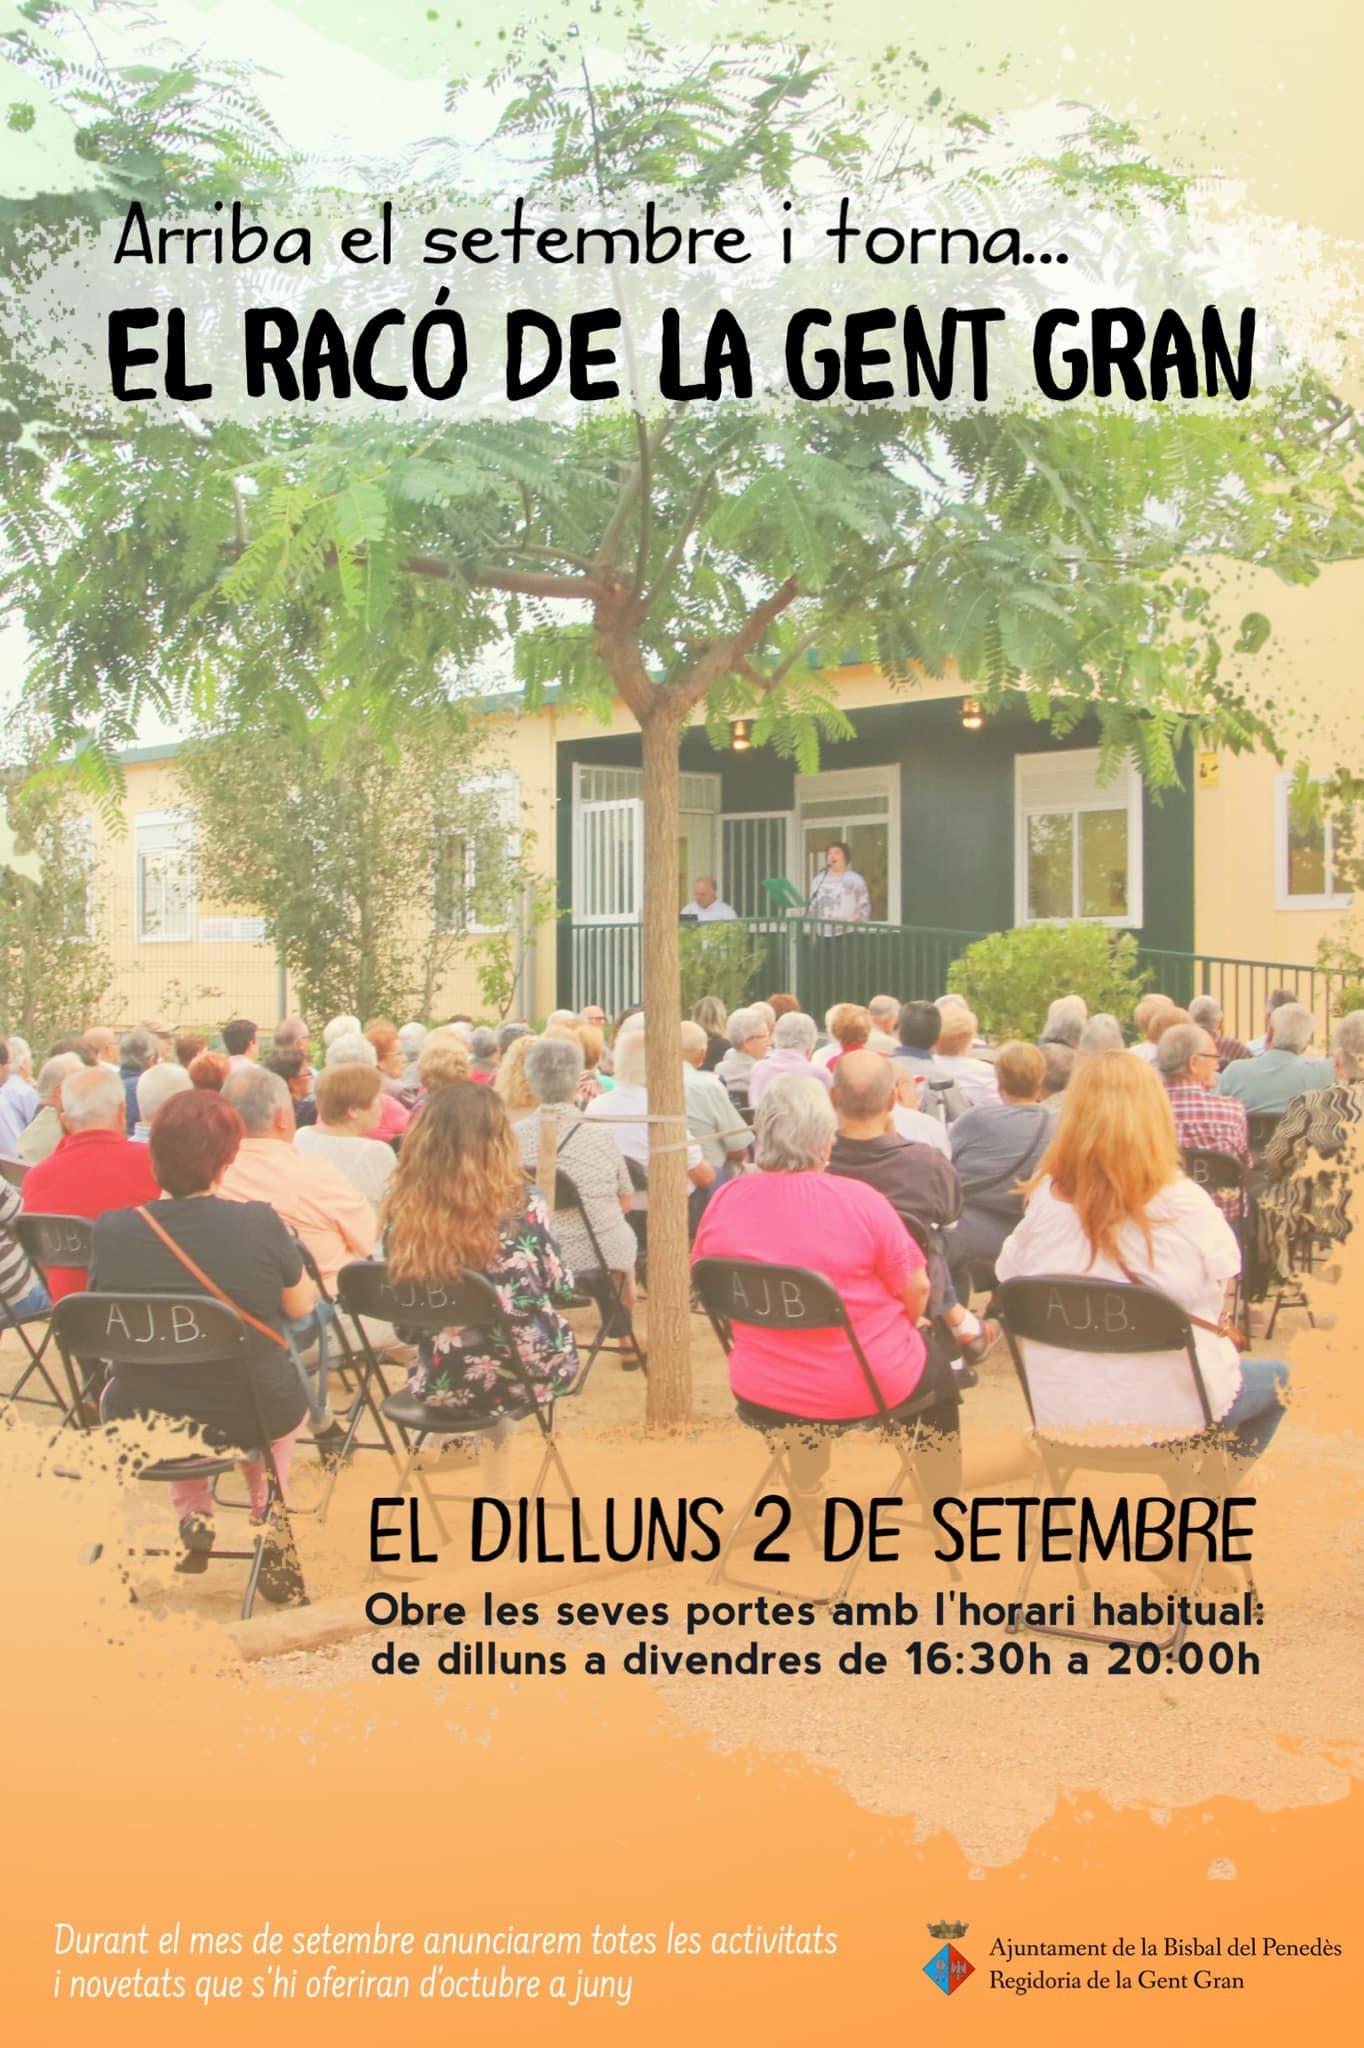 El Racó de la Gent Gran inicia 'curs' el dilluns 2 de setembre